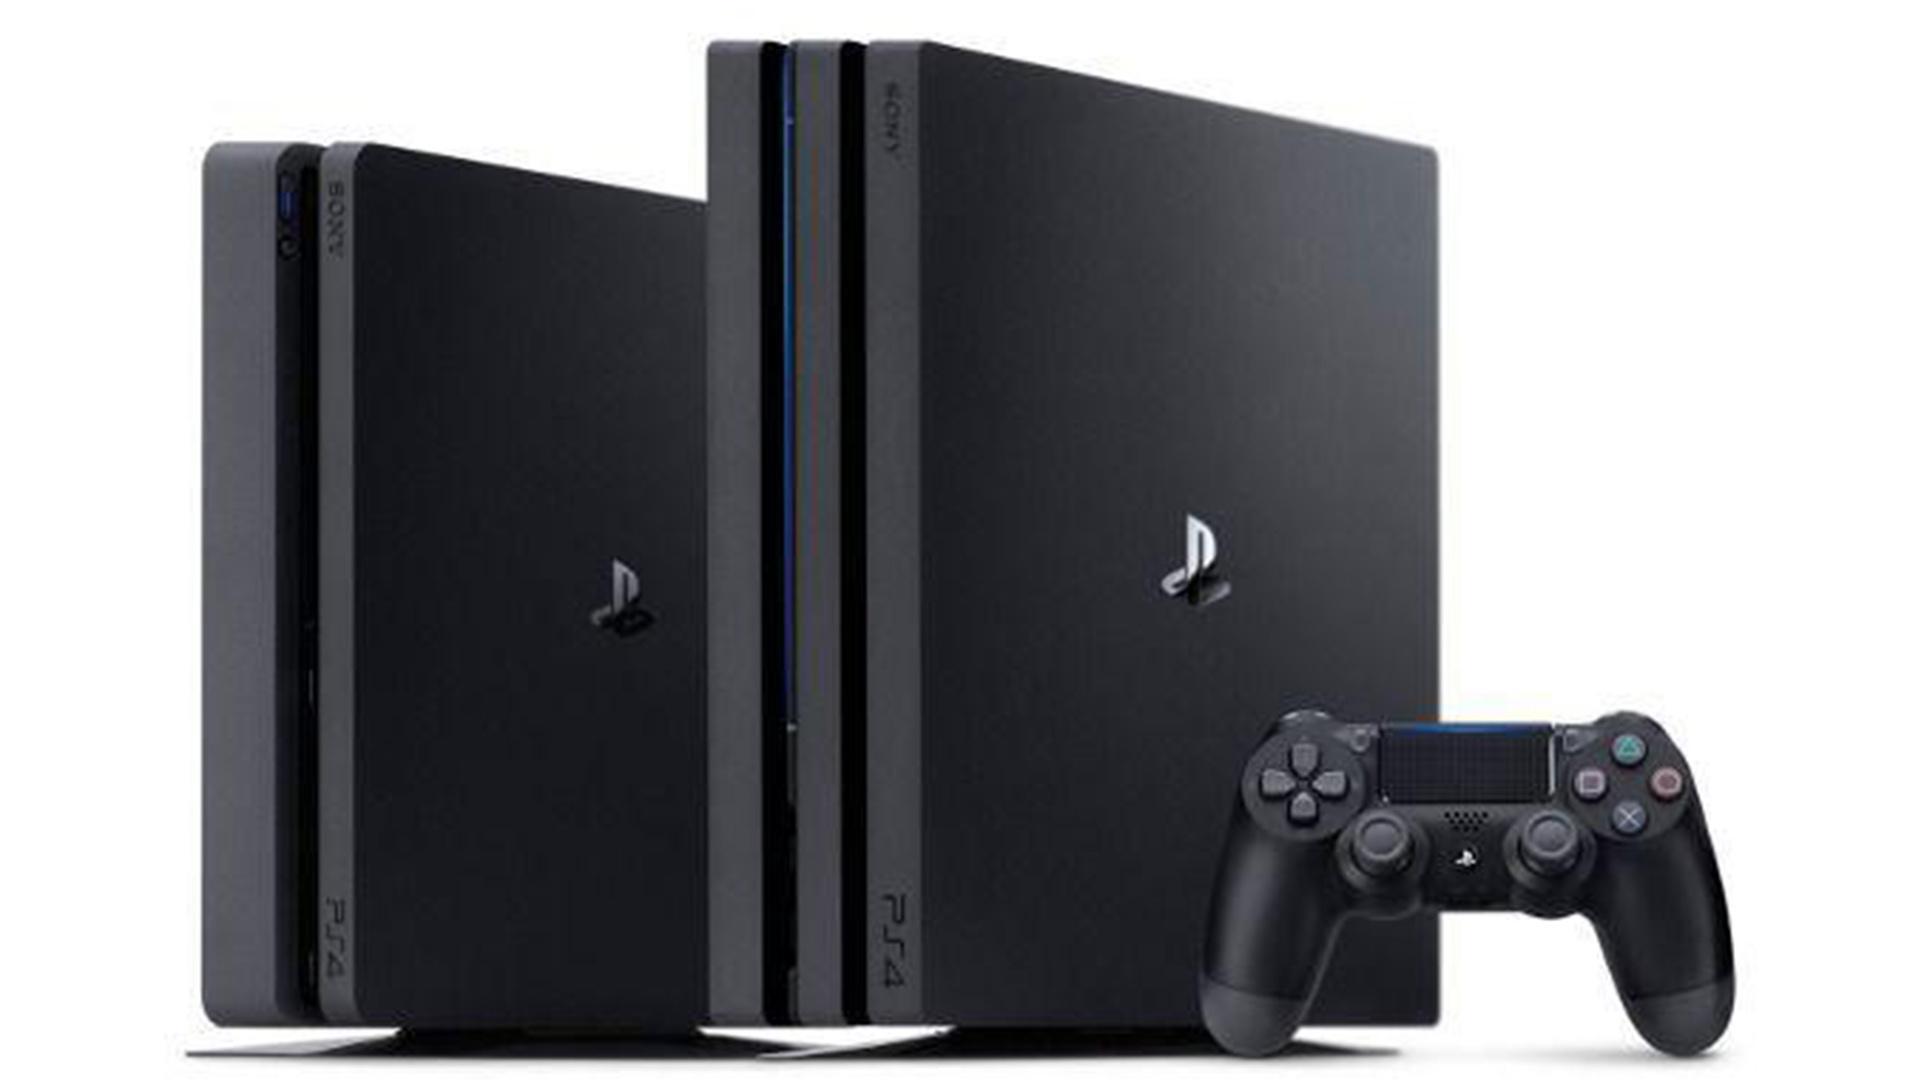 Los juegos de PlayStation dominaron el mercado de los videojuegos en Reino Unido durante el 2017